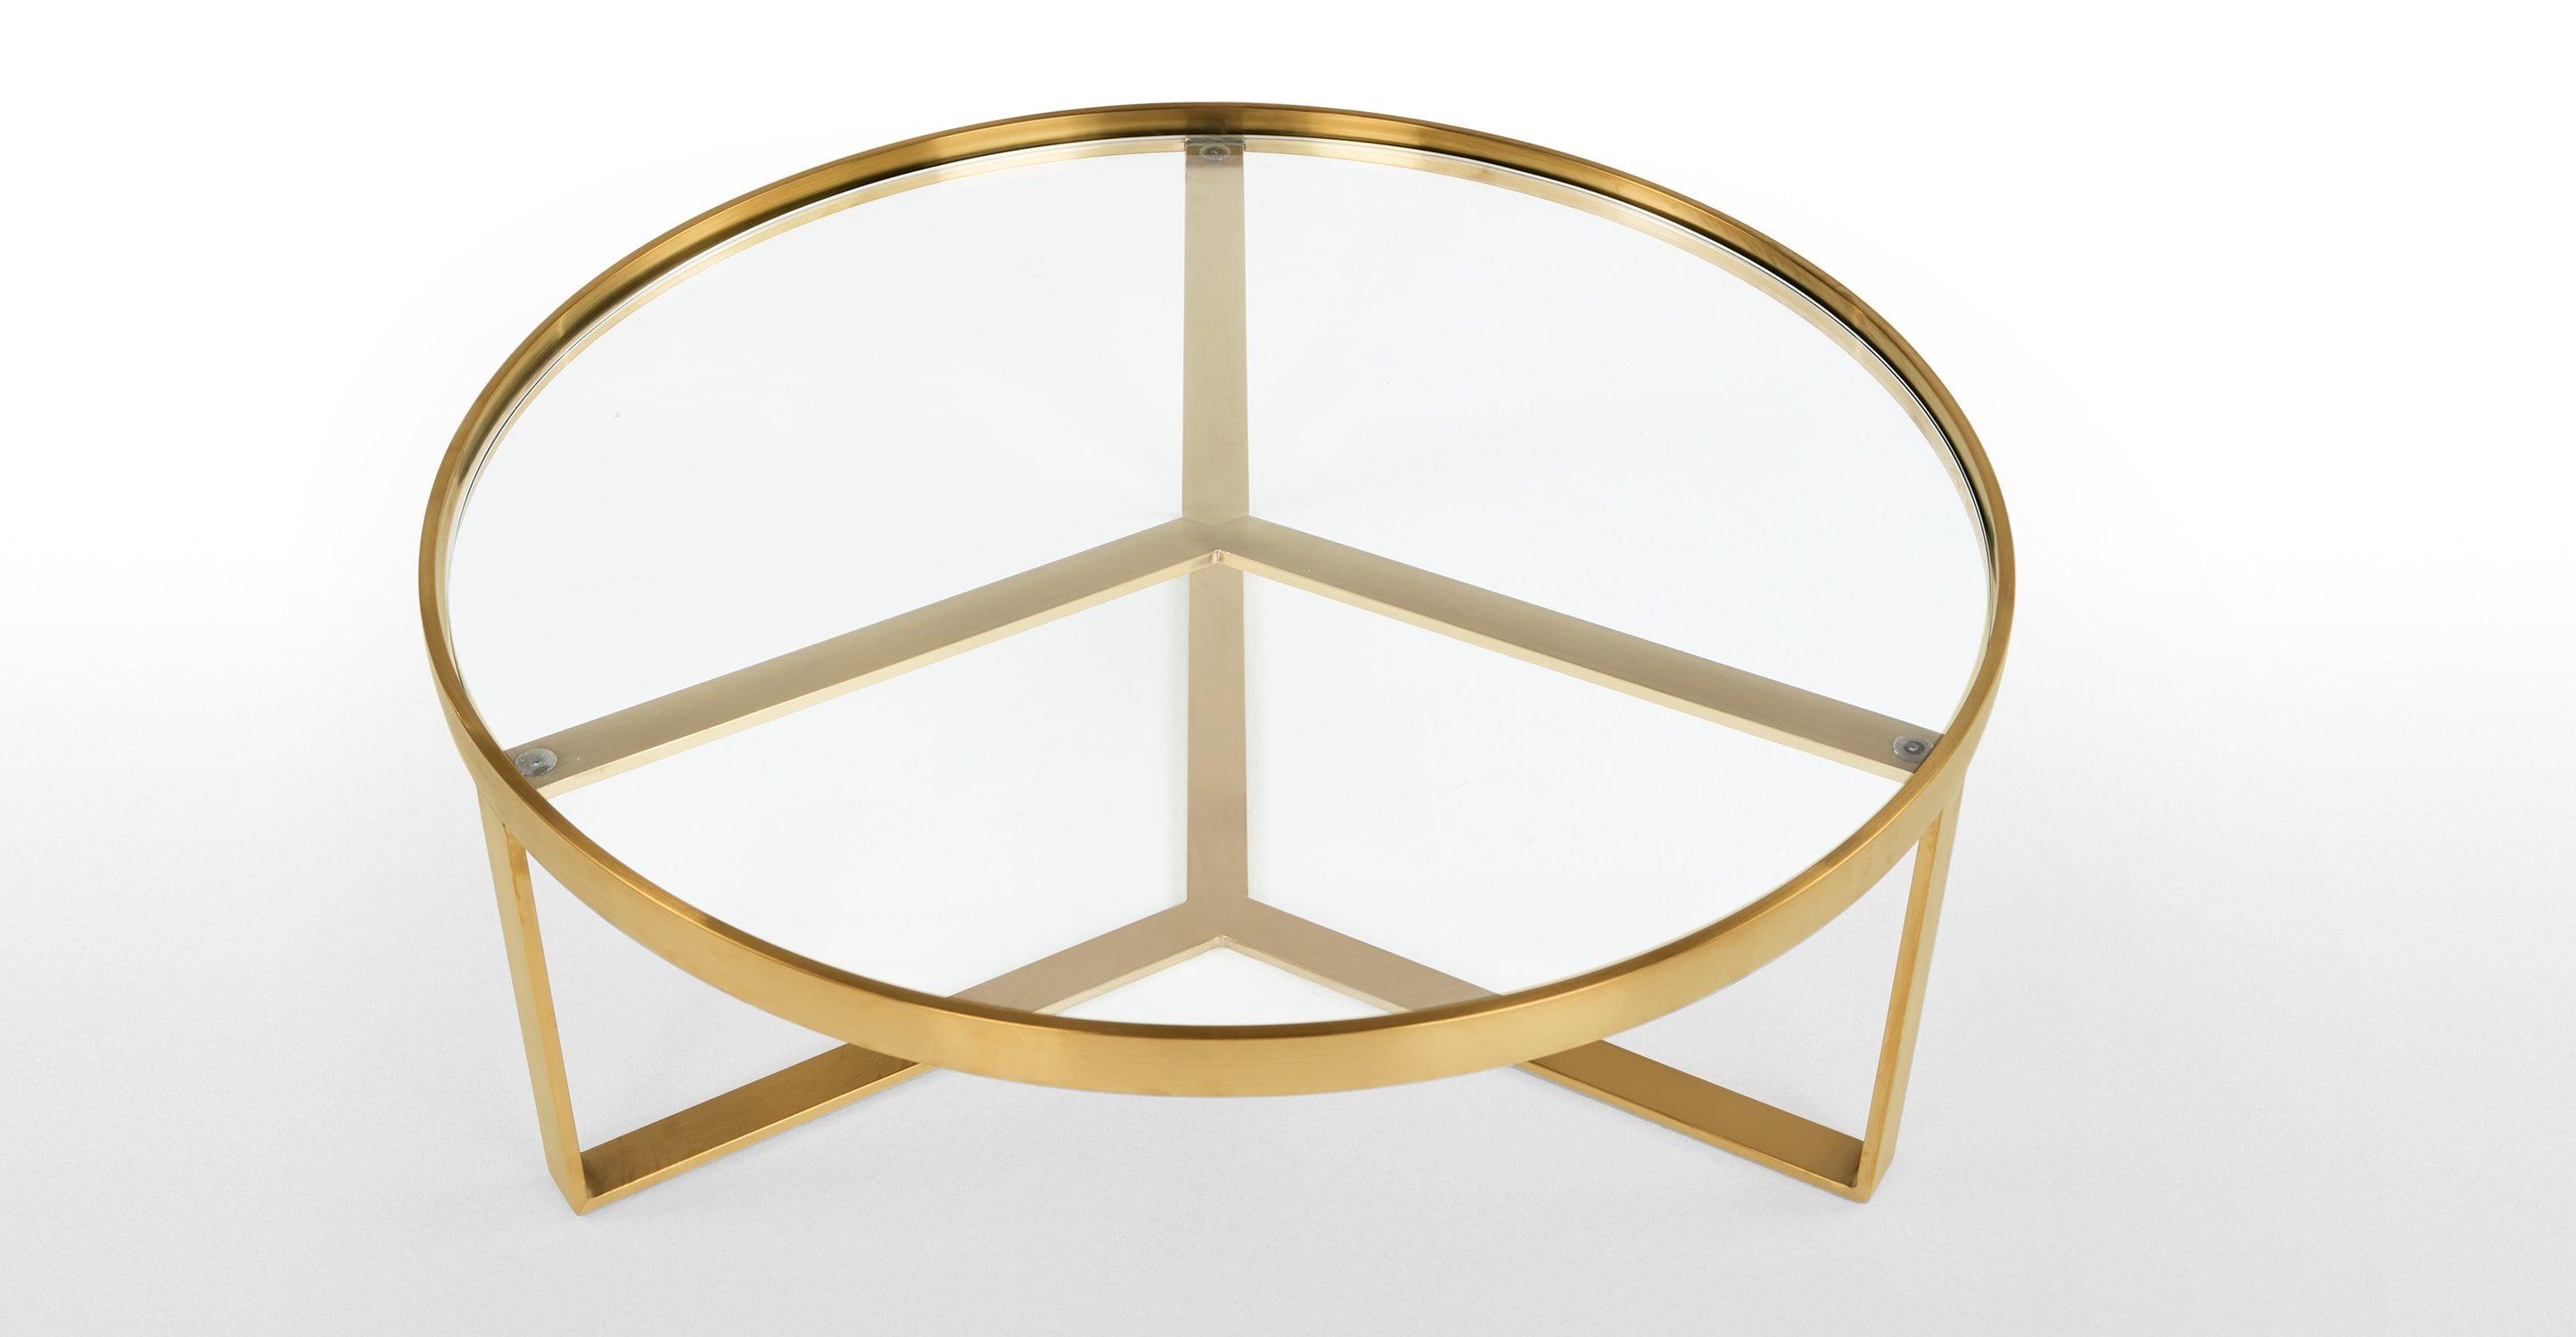 Innenarchitektur Schöner Wohnen Couchtisch Sammlung Von Aula Couchtisch, Messing | Madereview. Schöner